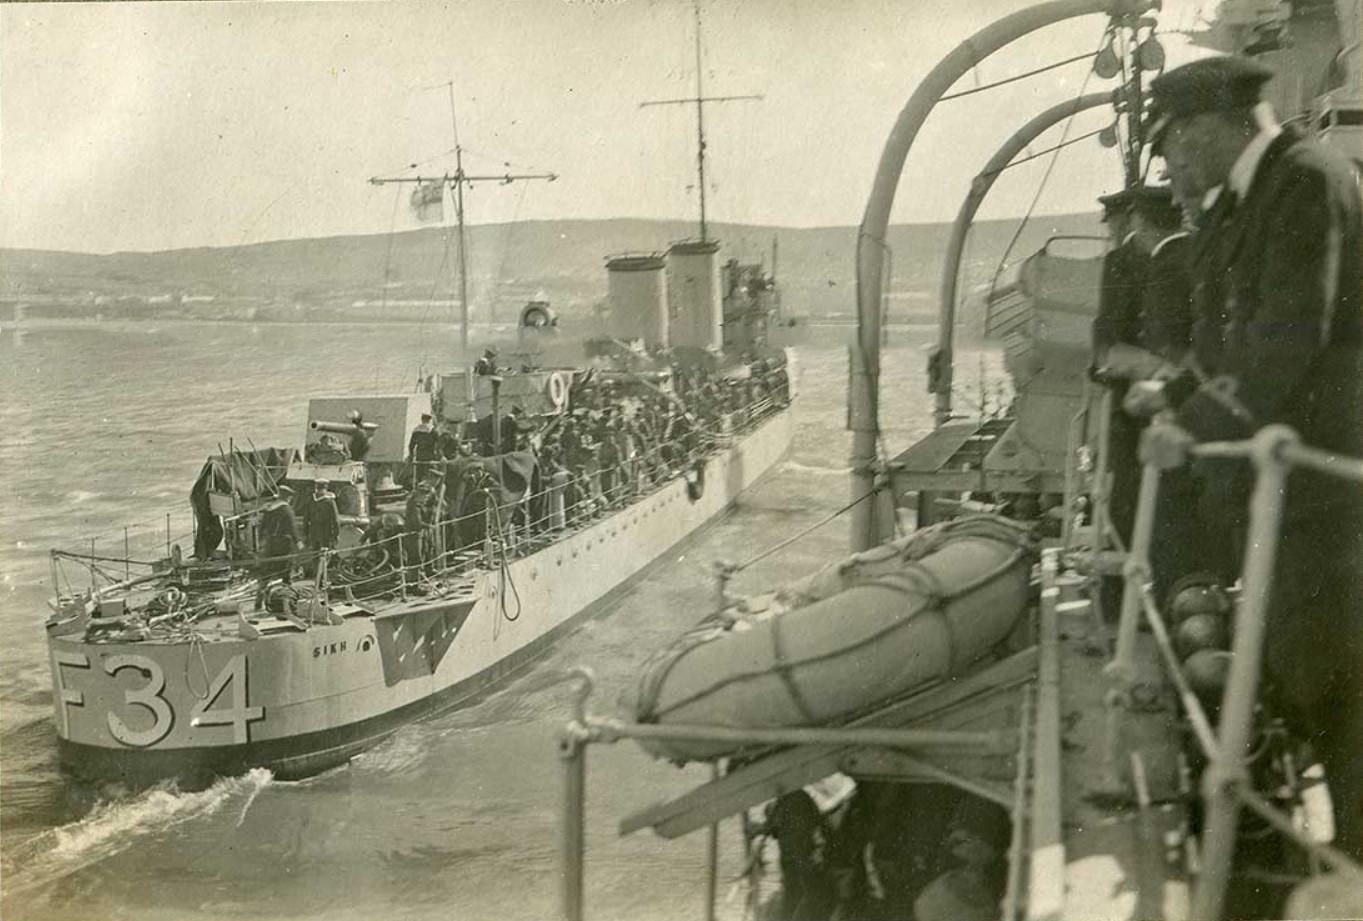 Эсминец 'Сикх' берет на борт деникинцев с крейсера 'Калипсо', Феодосия